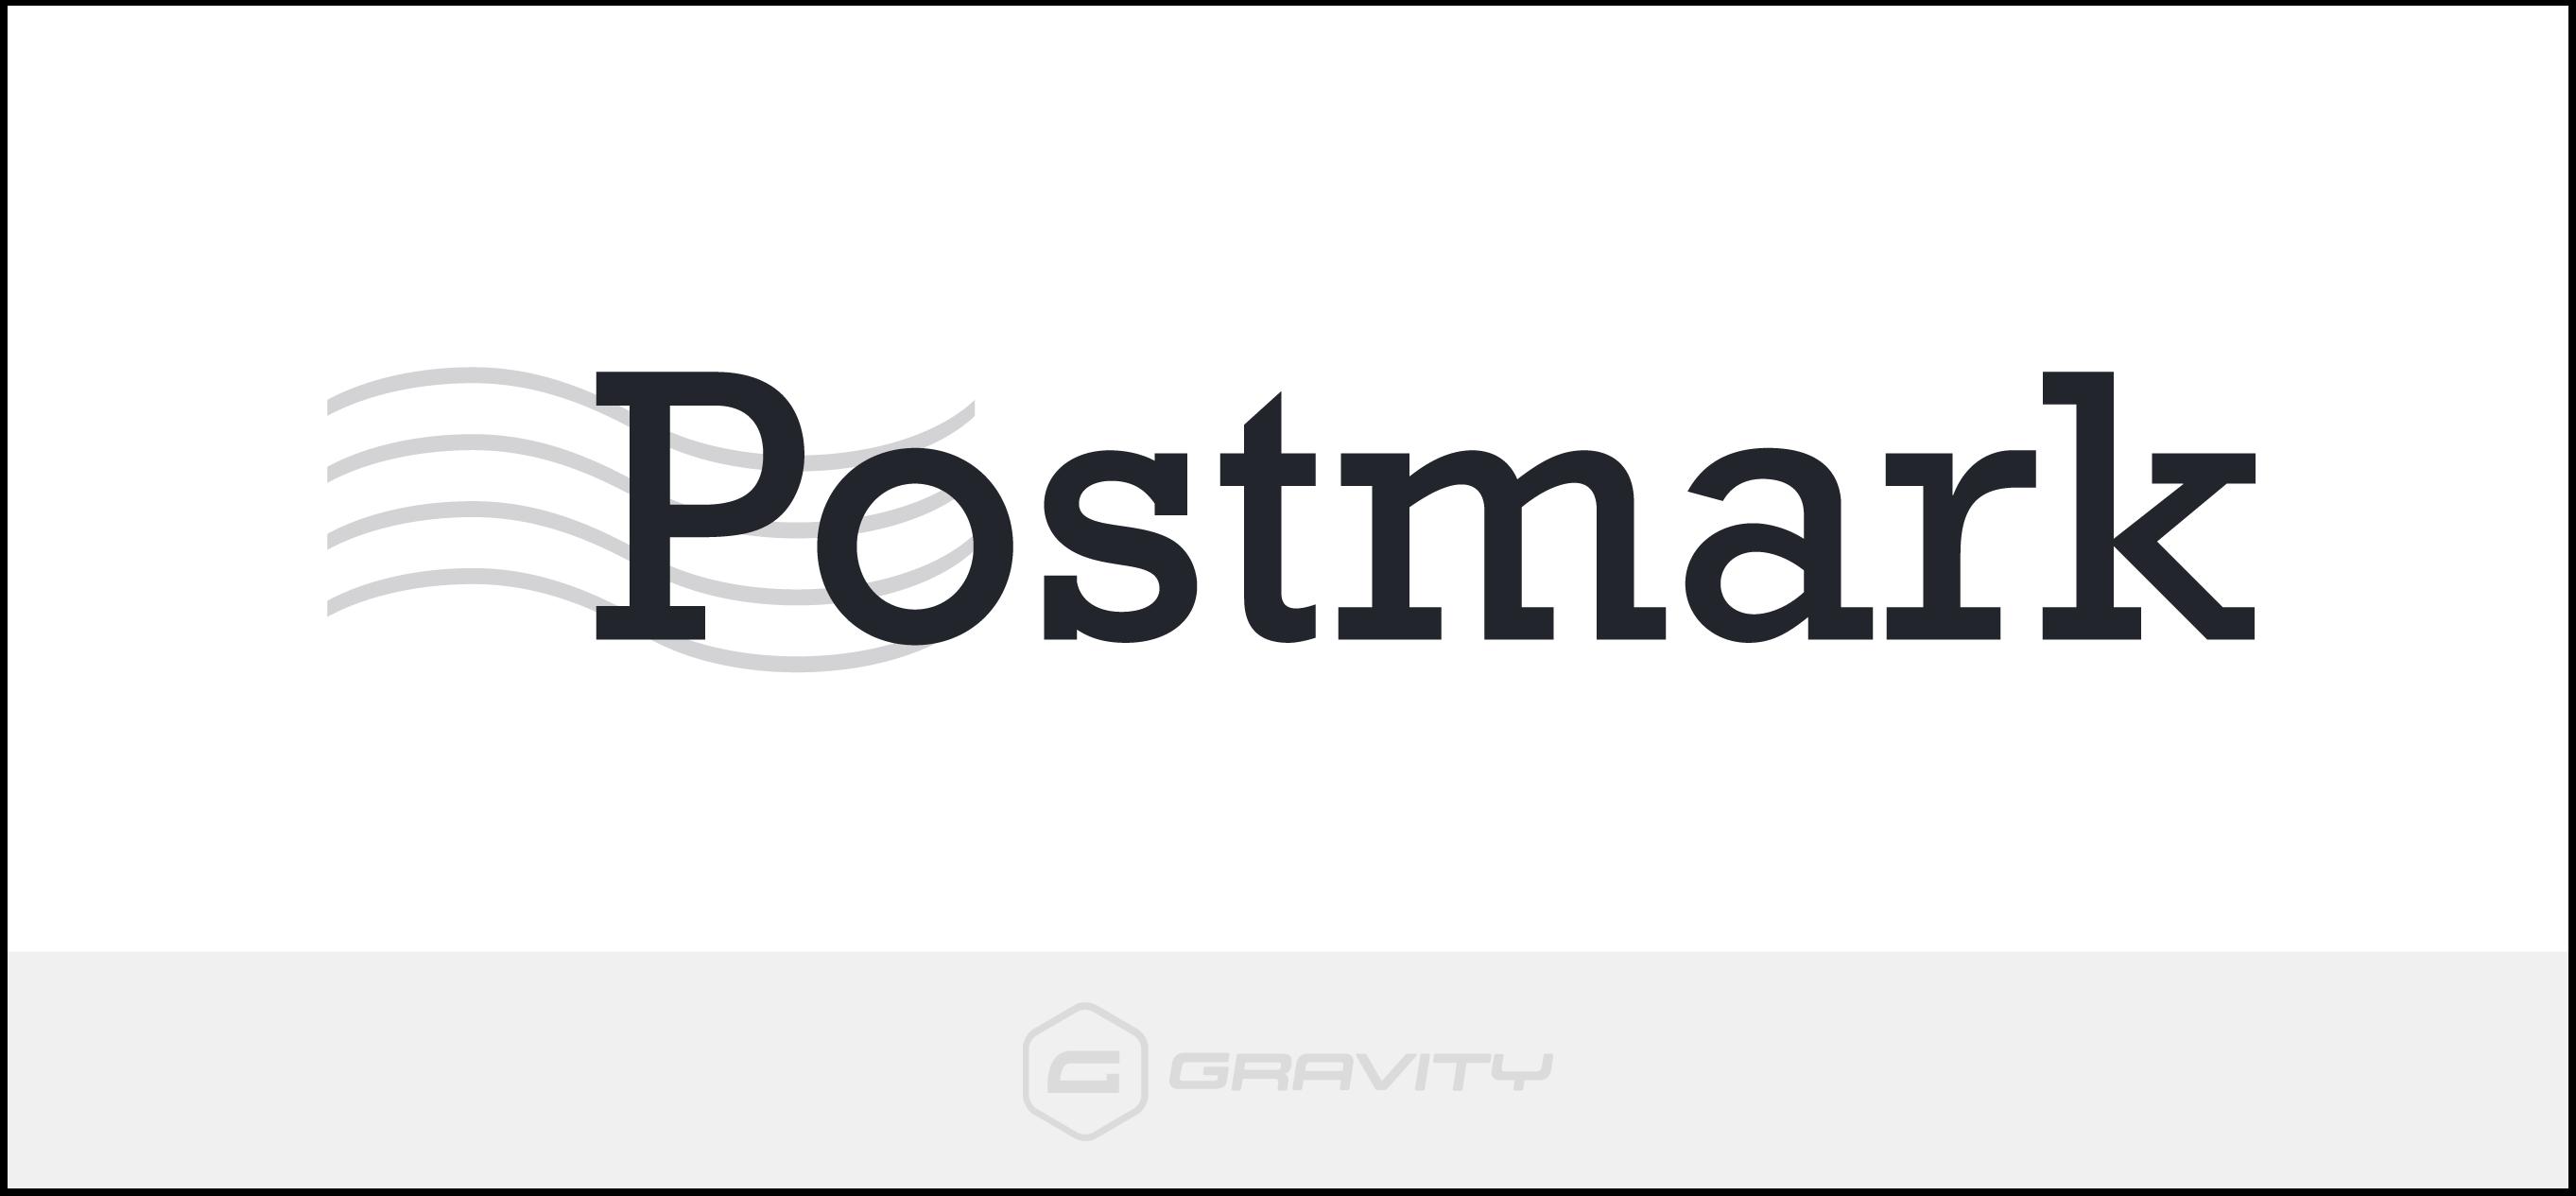 postmarkapp